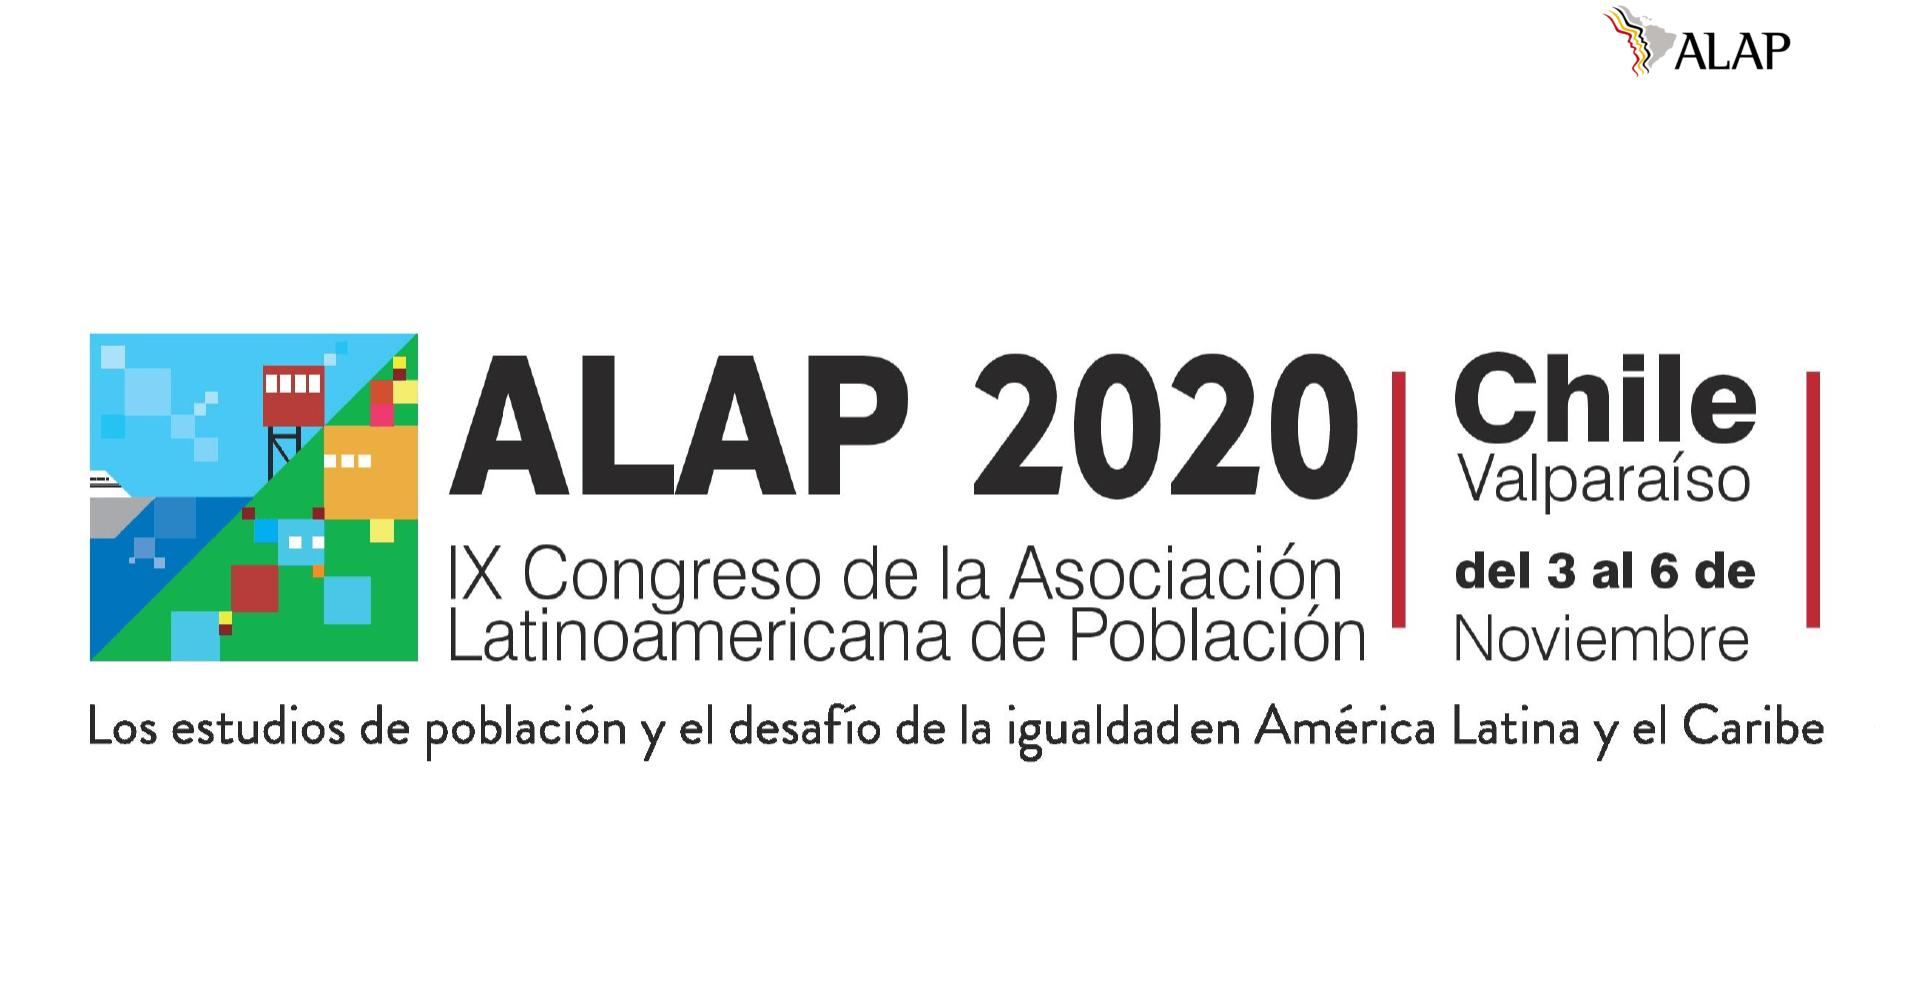 IX Congreso de la Asociación Latinoamericana de Población